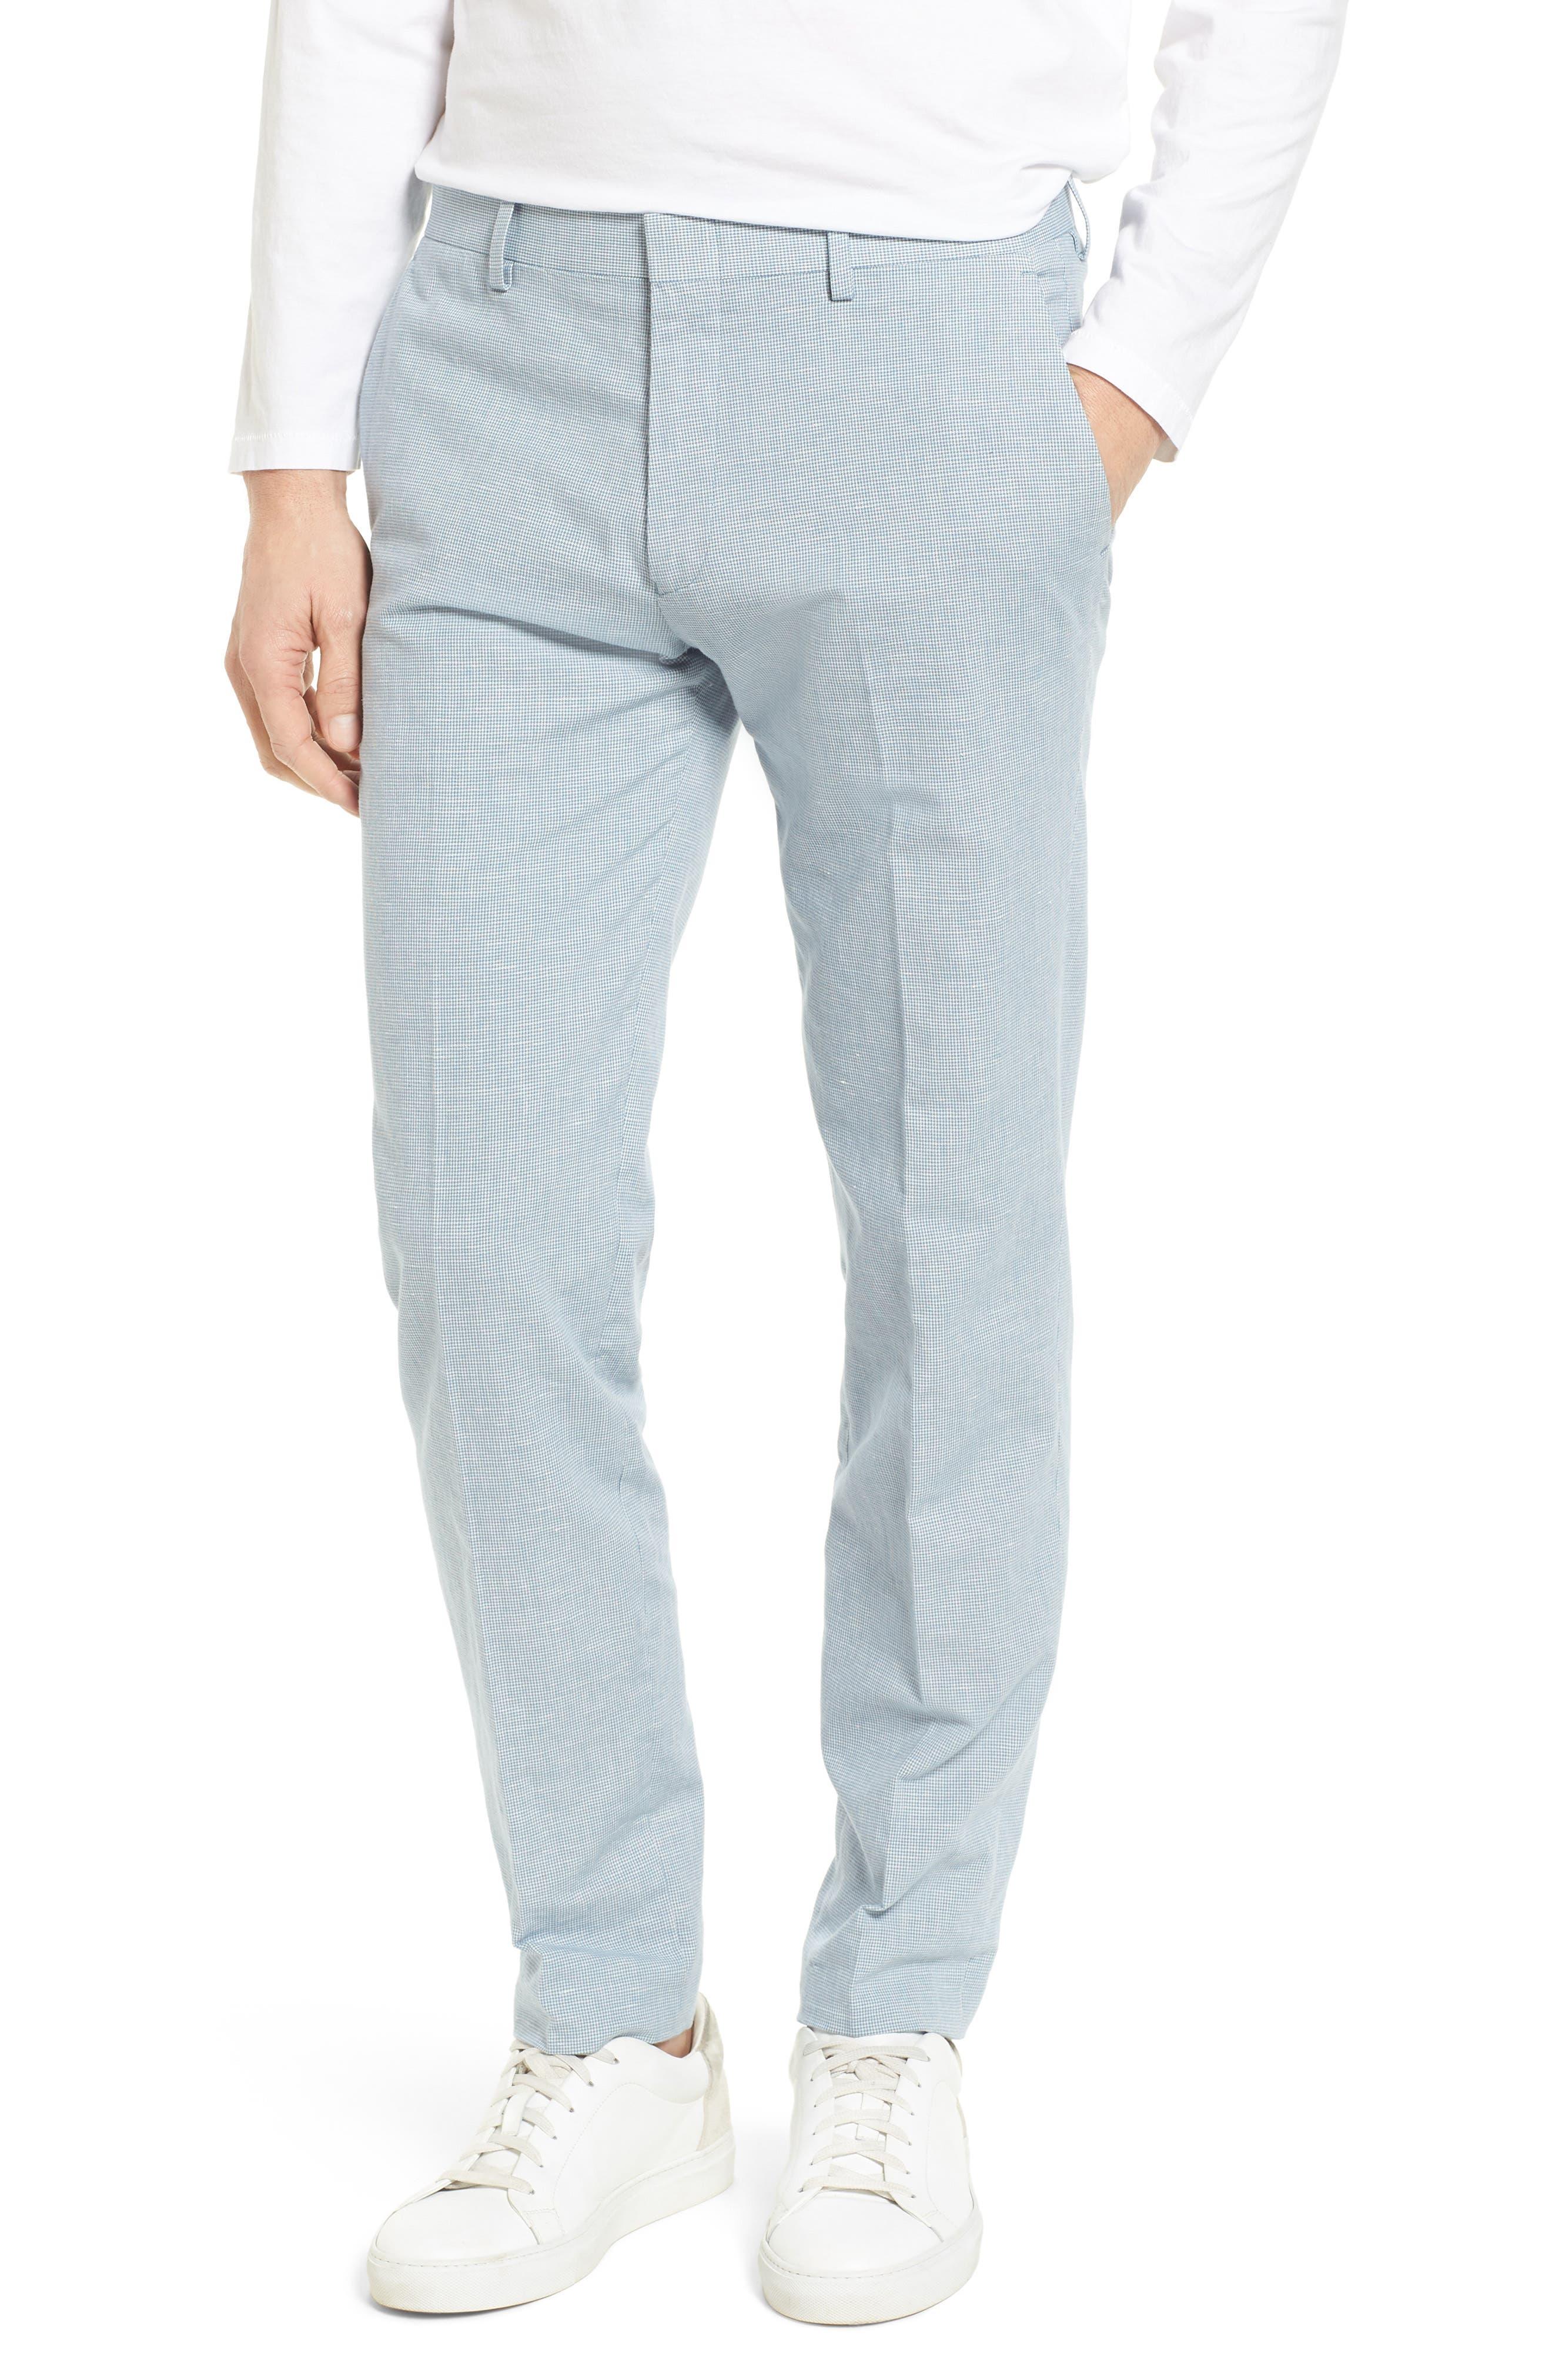 J.Crew Ludlow Trim Fit Houndstooth Cotton & Linen Suit Pants